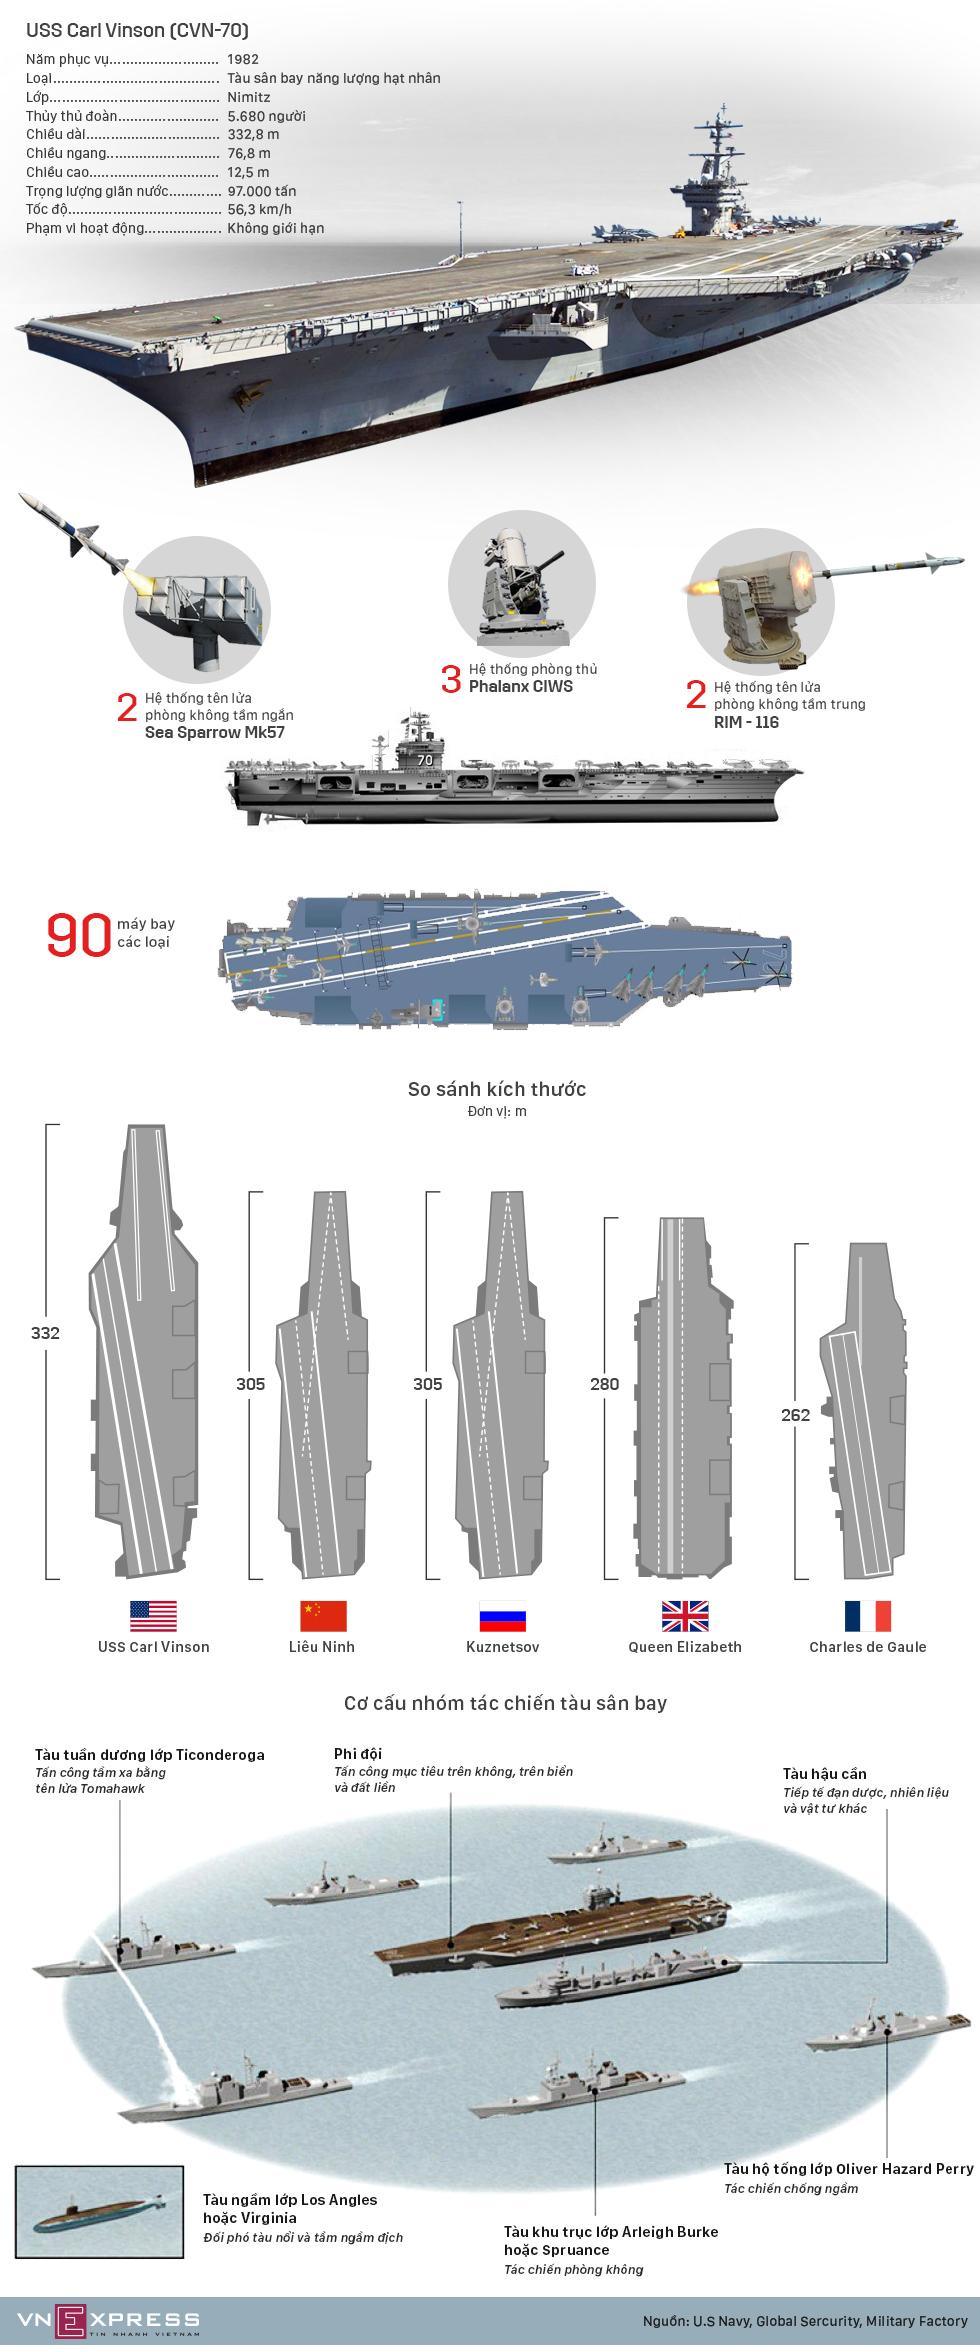 Sức mạnh tàu sân bay hạt nhân Mỹ Carl Vinson